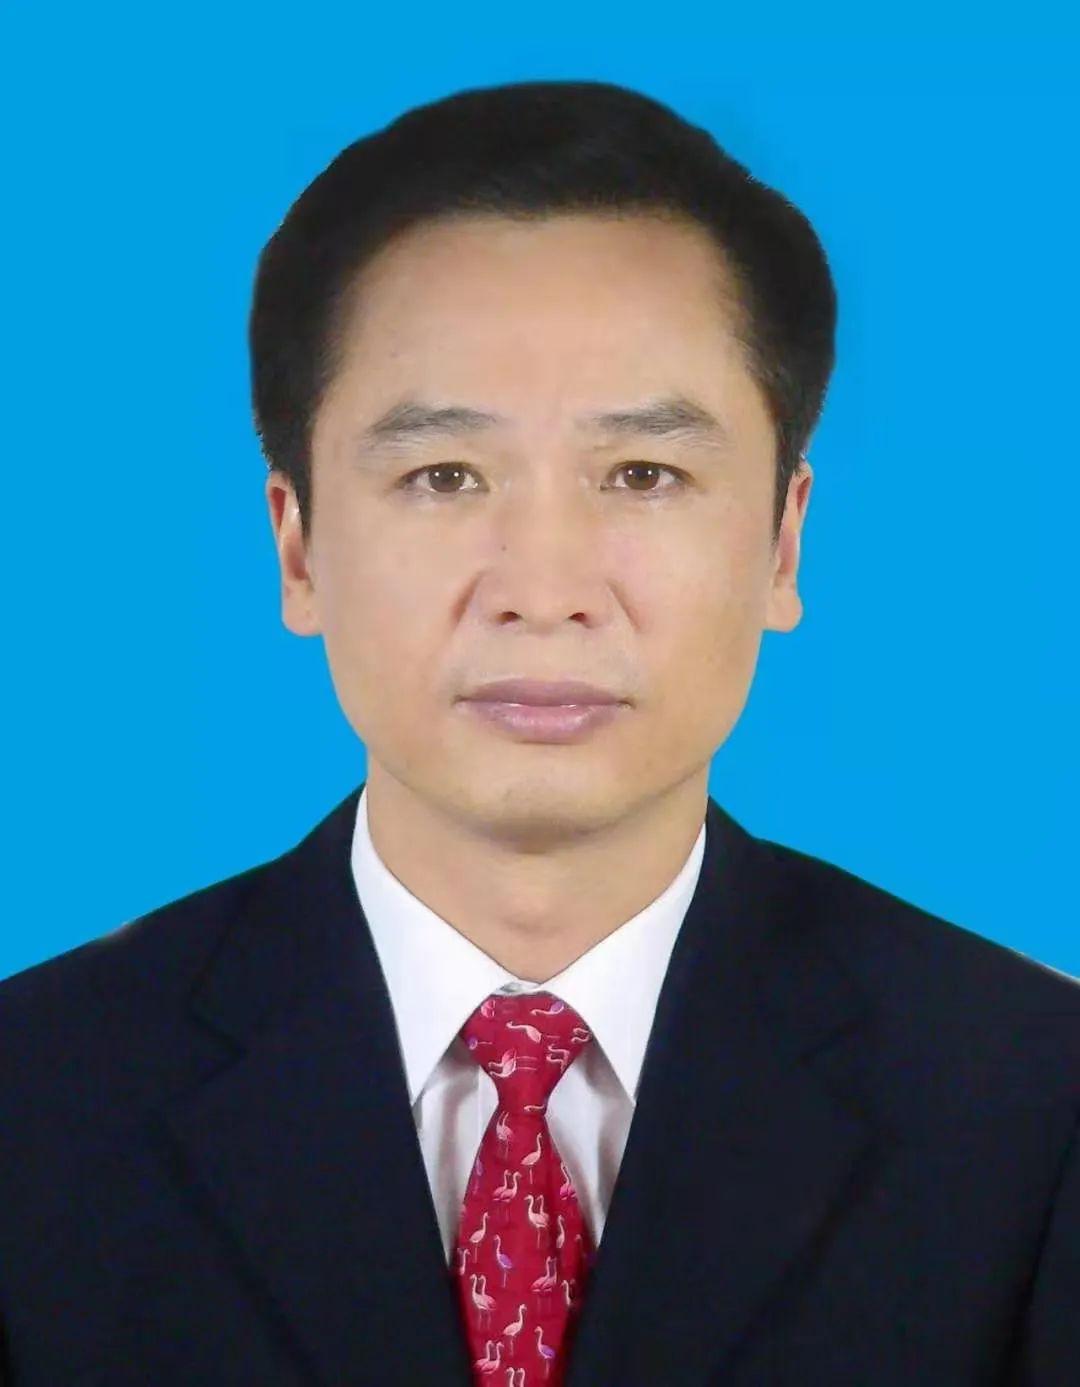 政法人事录|陈明国任新疆维吾尔自治区政府副主席、公安厅厅长